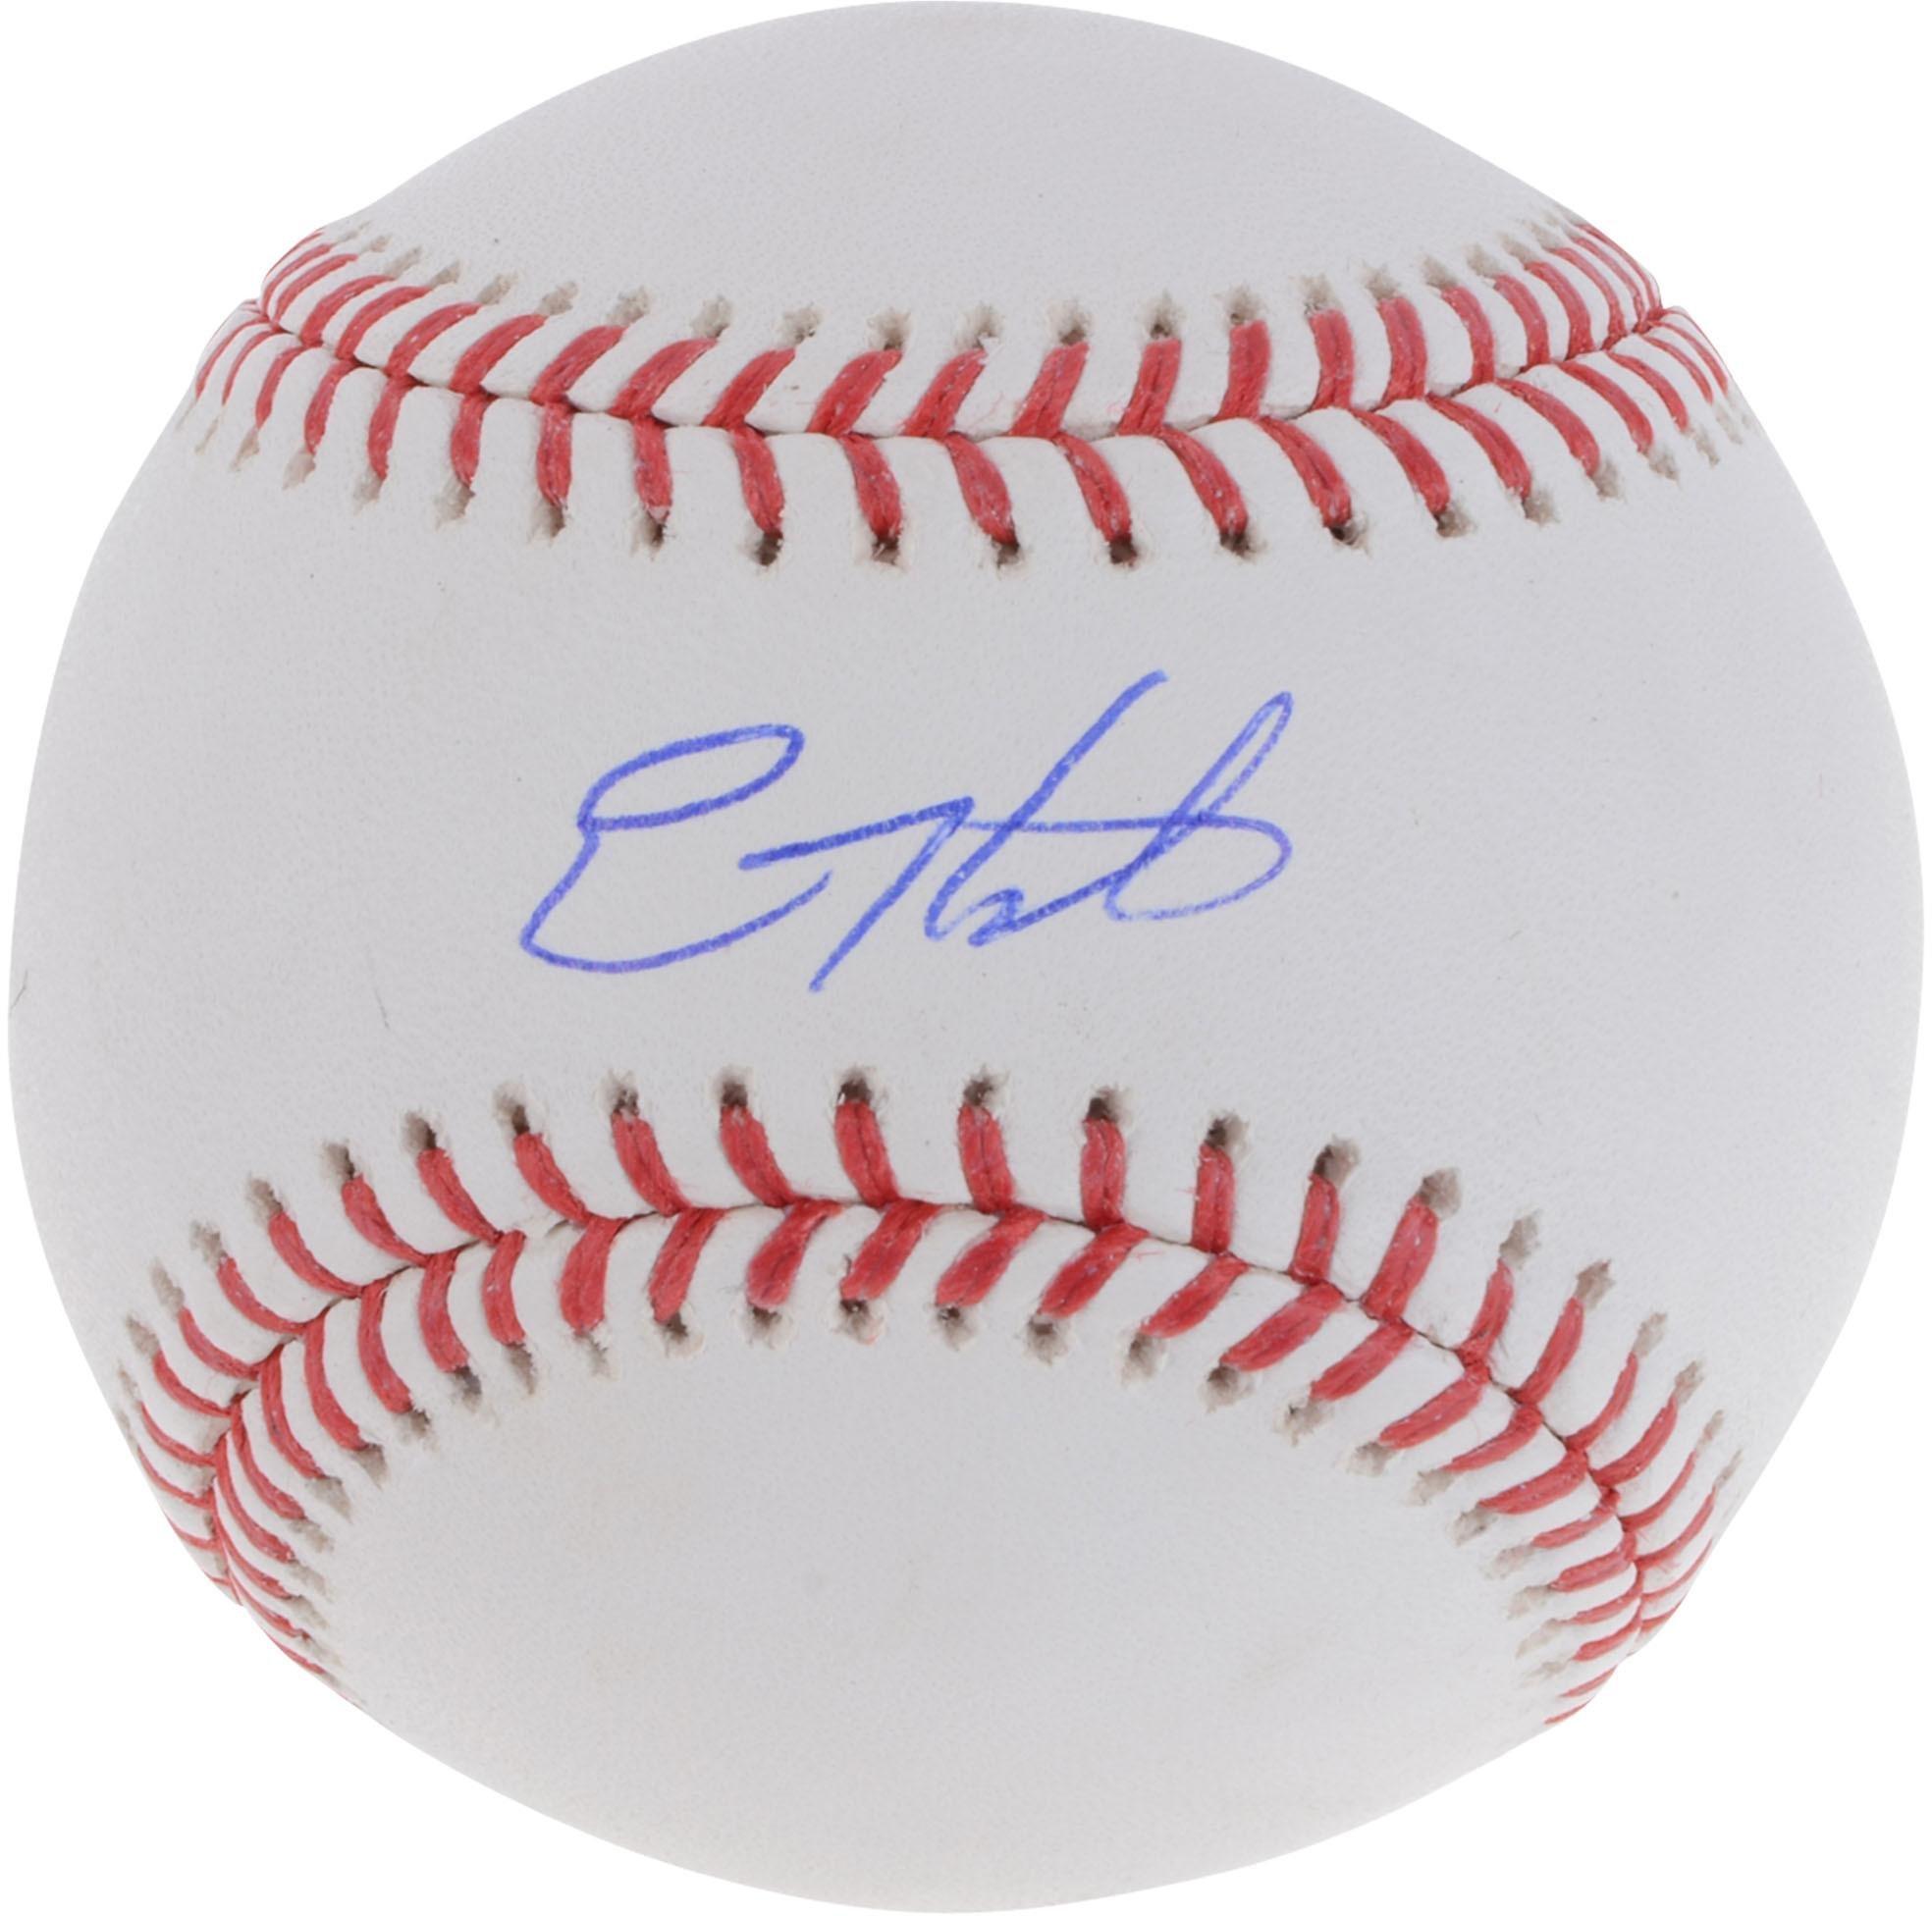 Enrique Hernandez Los Angeles Dodgers Autographed Baseball Fanatics Authentic Certified Autographed Baseballs